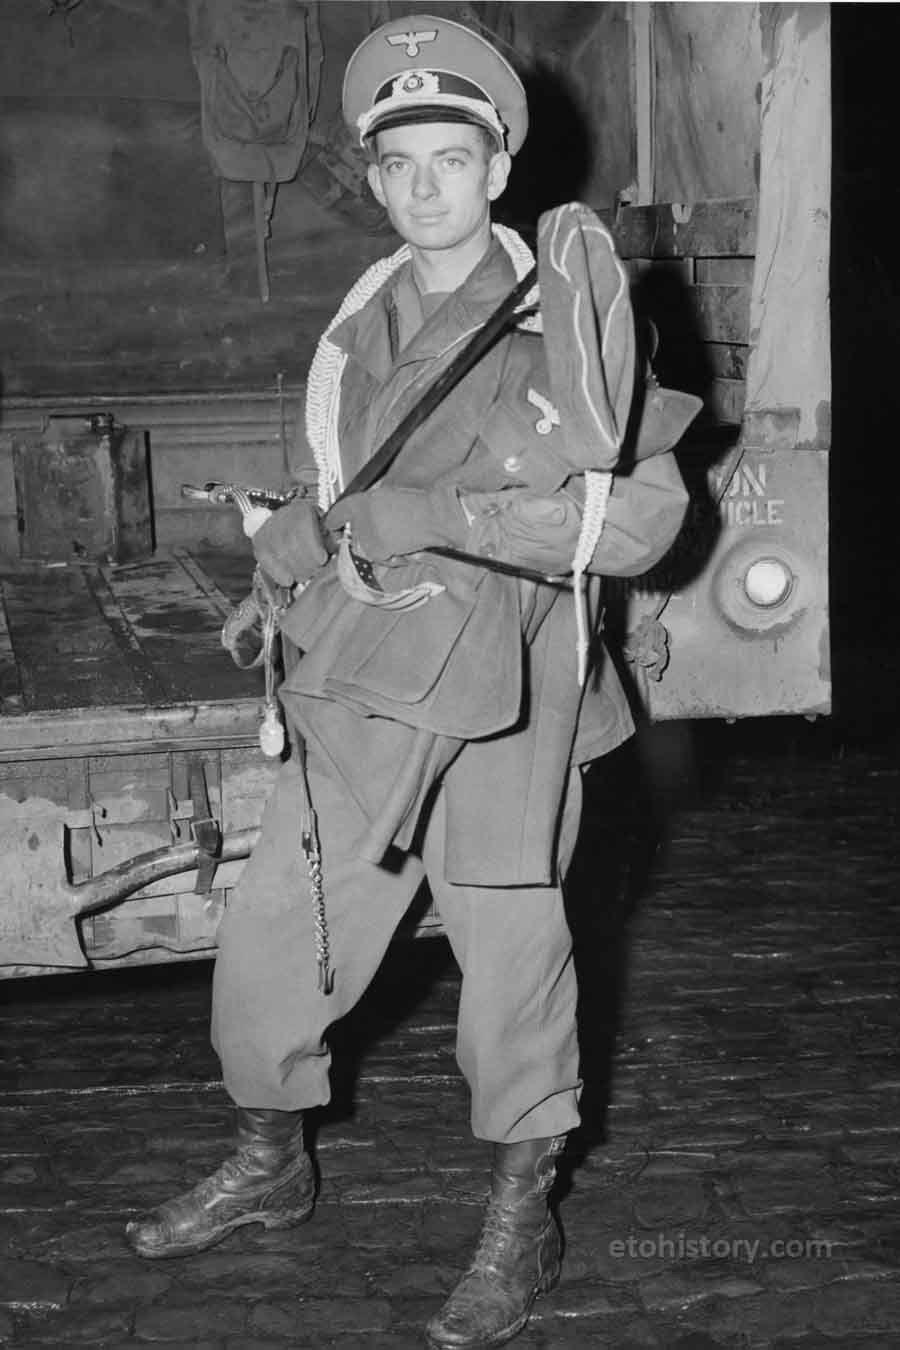 Diverses photos de la WWII (fichier 7) - Page 37 58519